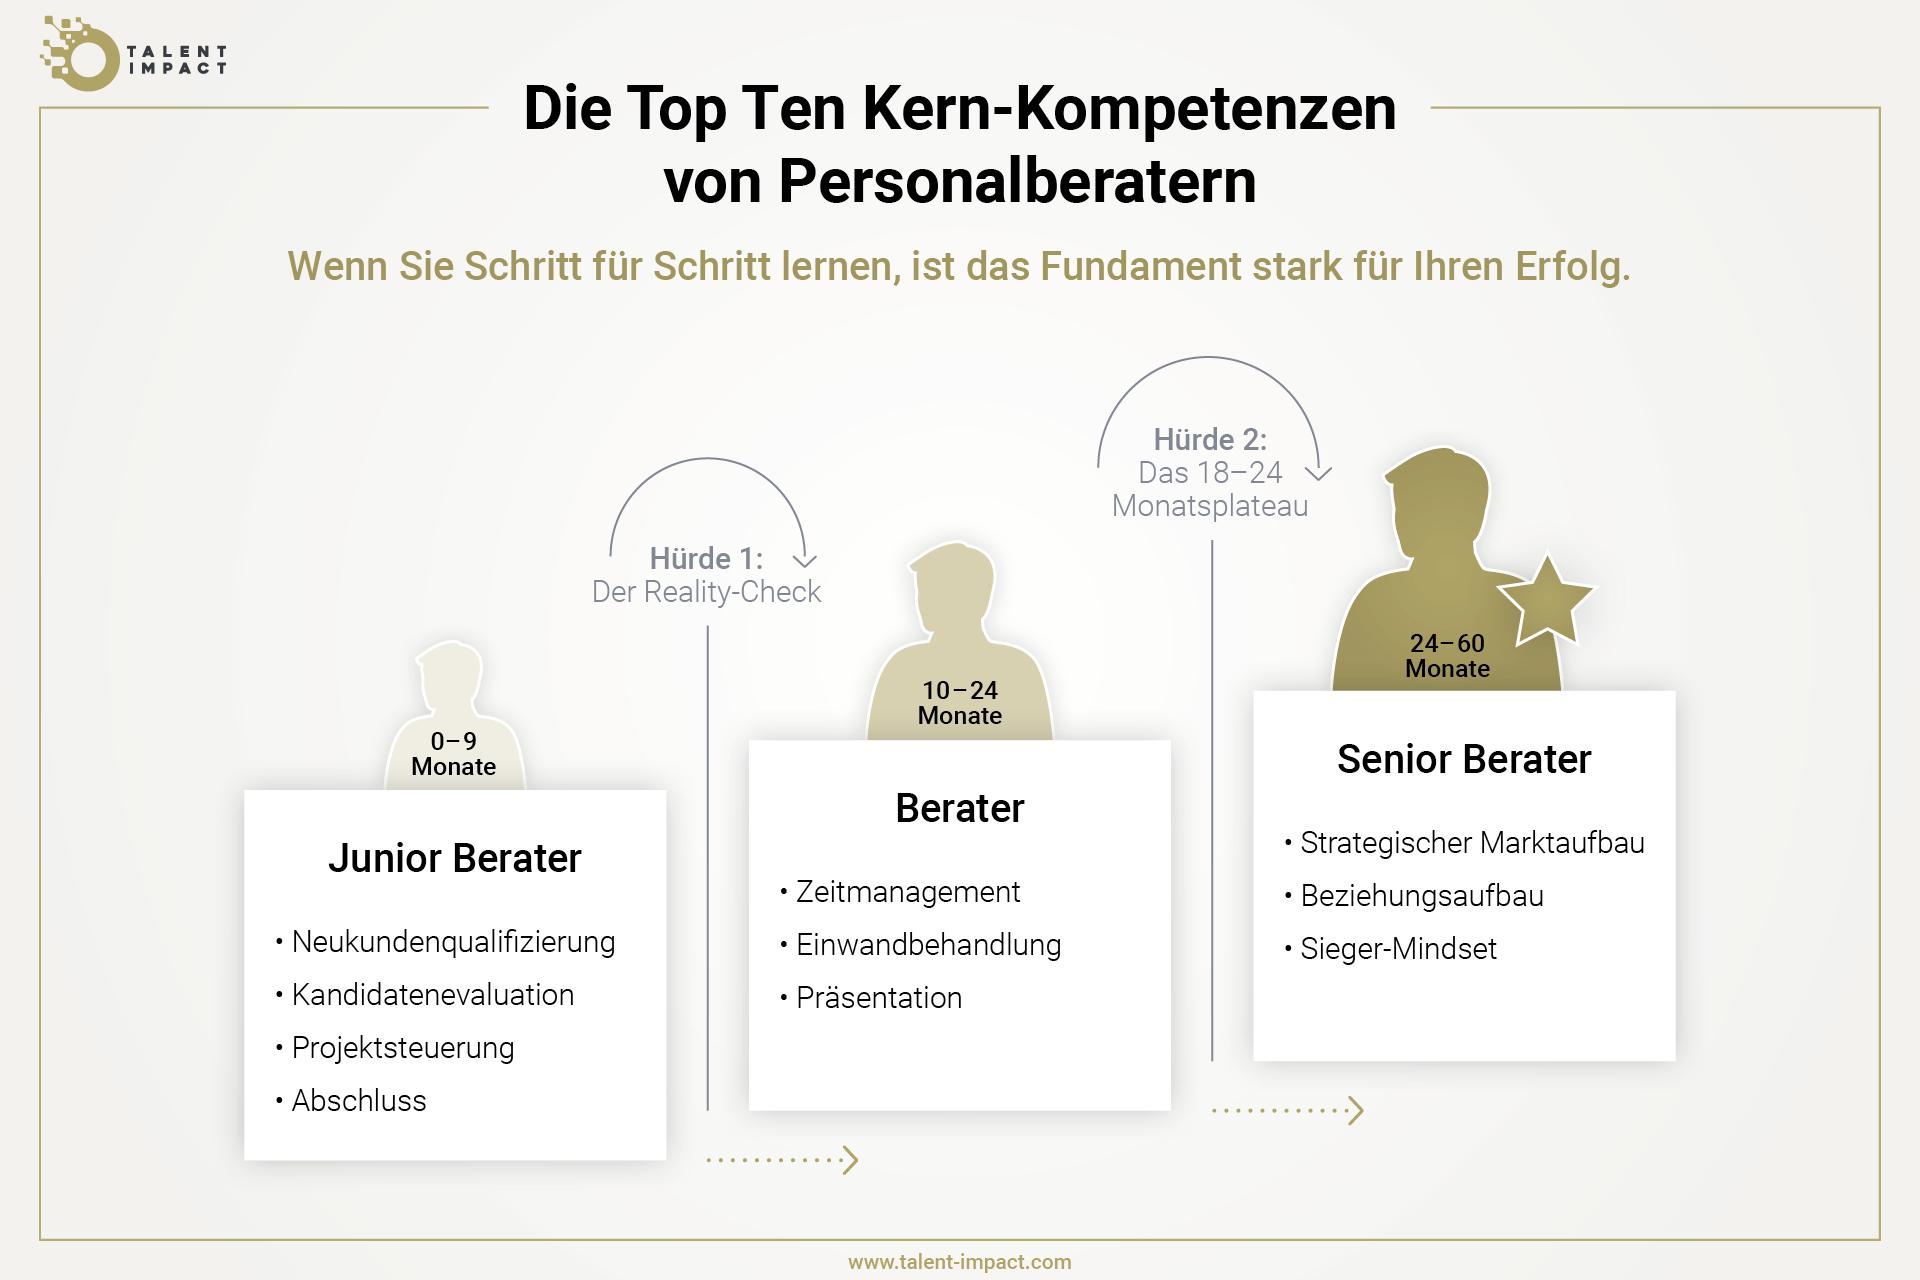 Grafik, die zeigt, dass man als Personalberater zwei große Hürden in seiner Karriere überkommen muss